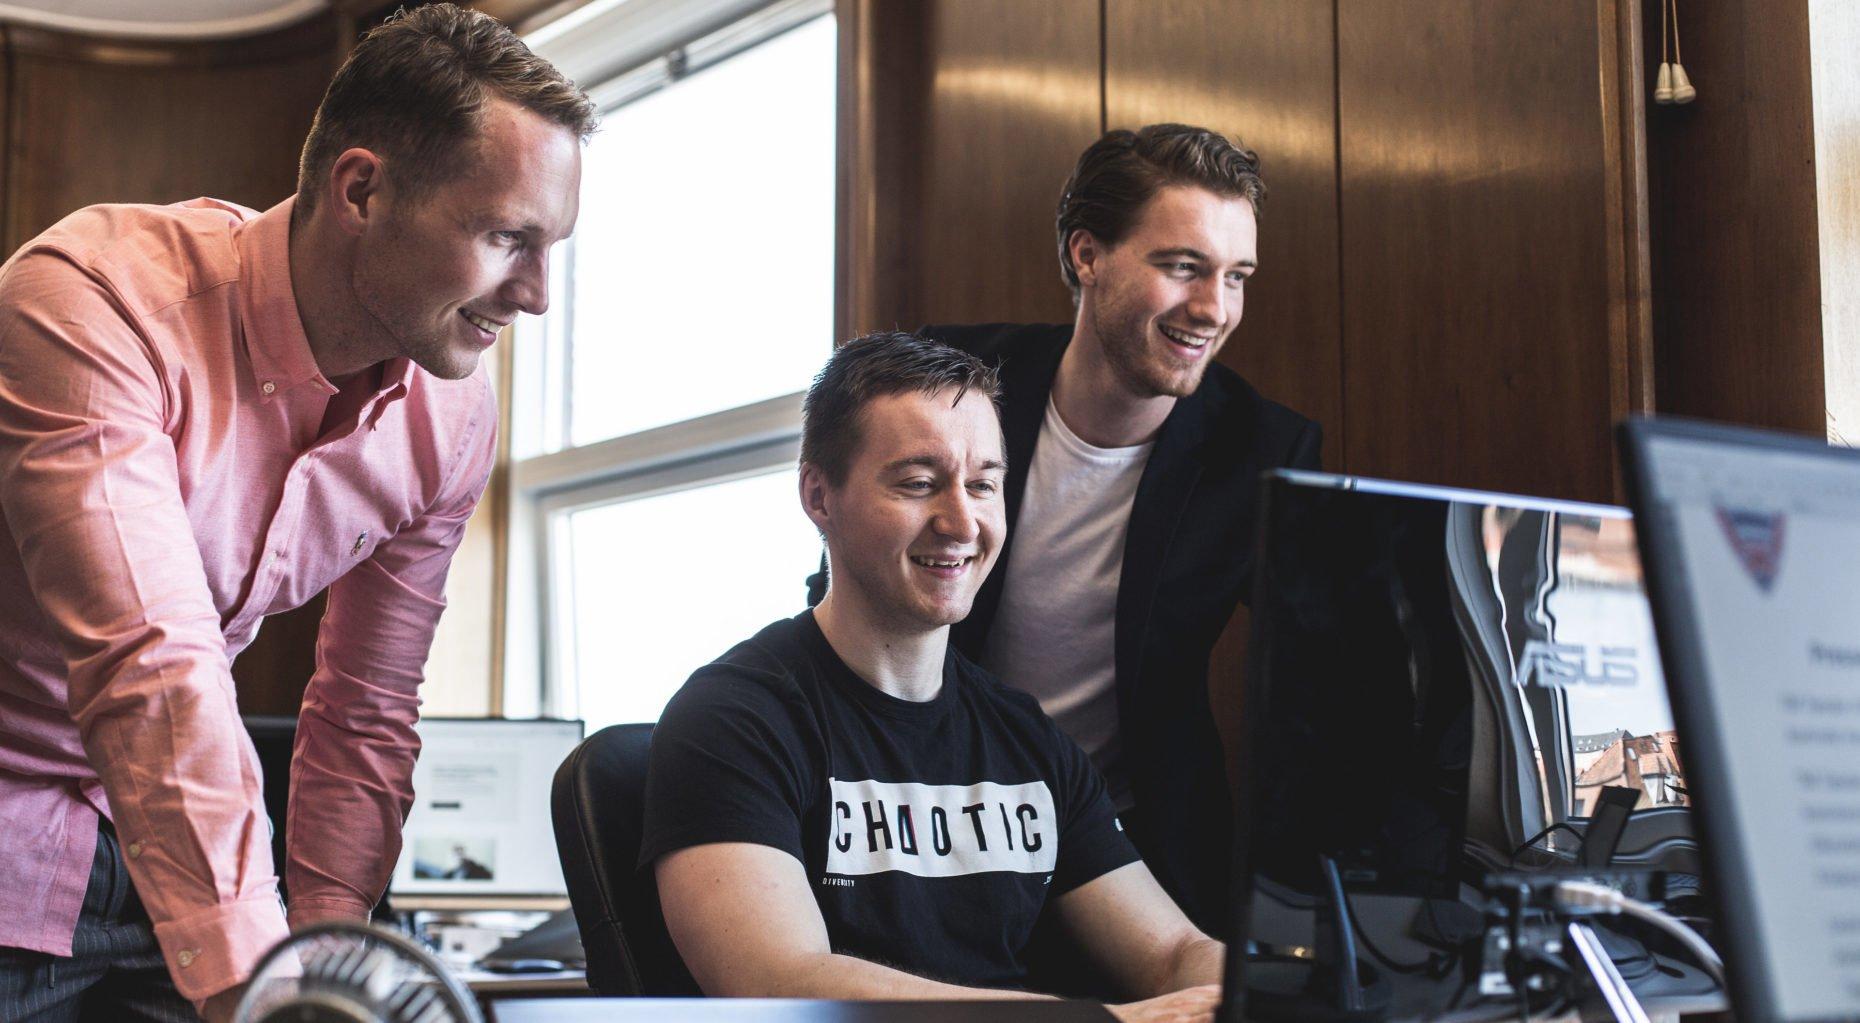 Wordpress udvikling - Lennart lau jonas